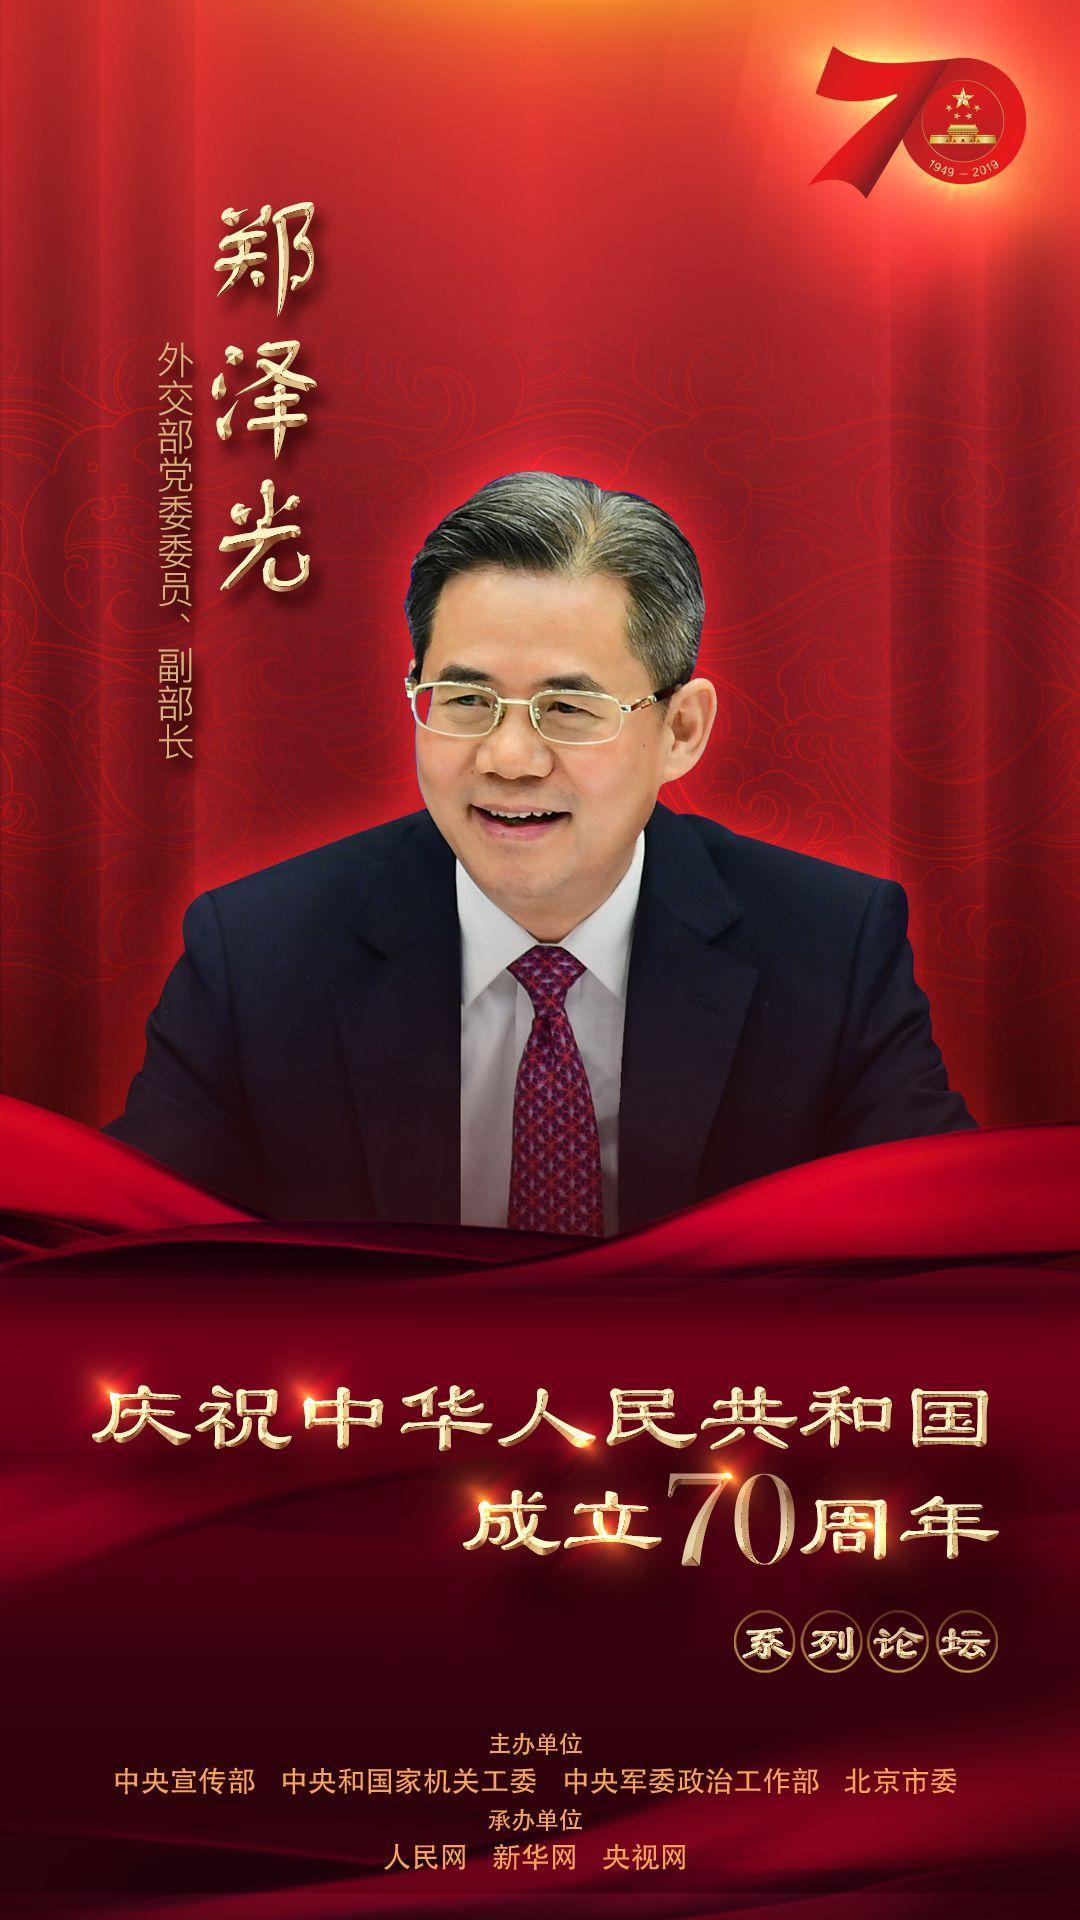 外交部党委委员、副部长郑泽光